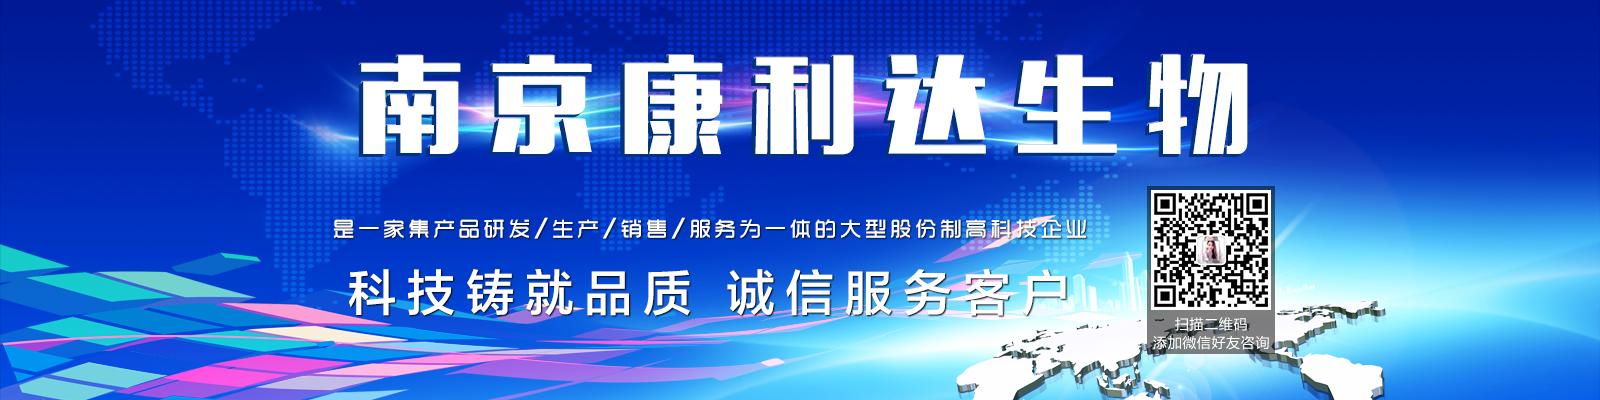 南京康利达生物科技有限公司